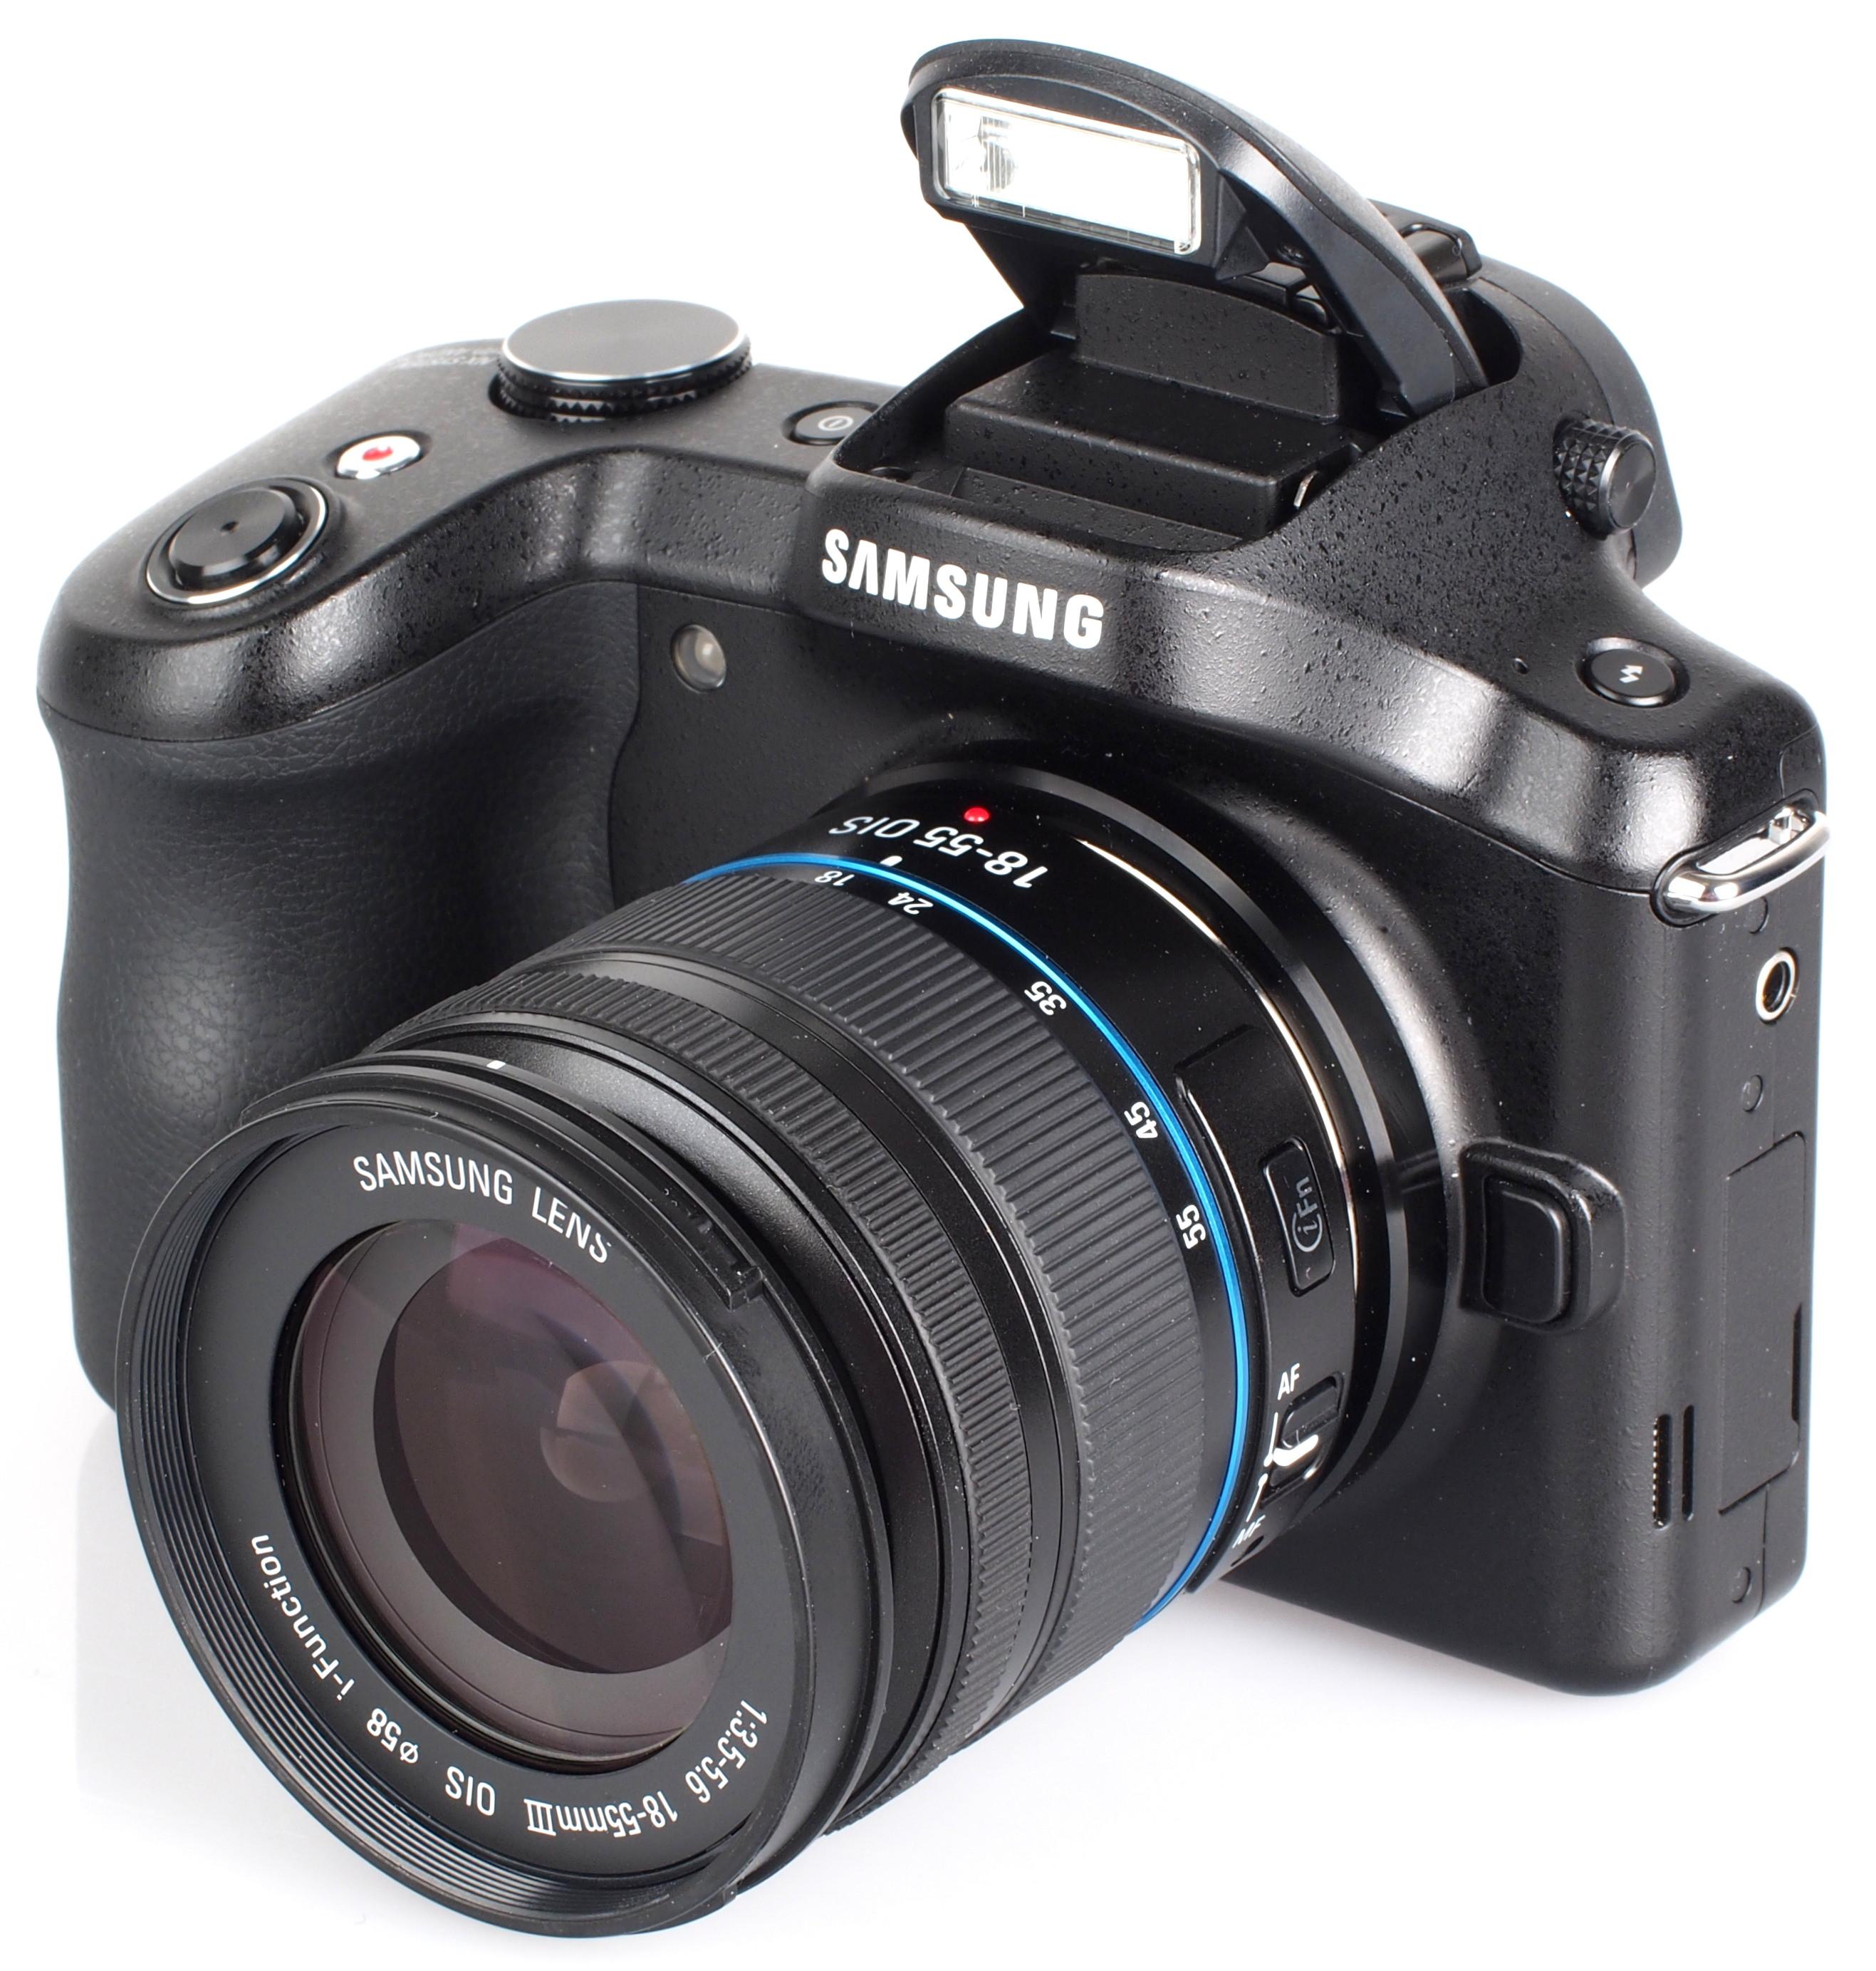 Samsung Galaxy NX Mirrorless Camera Review